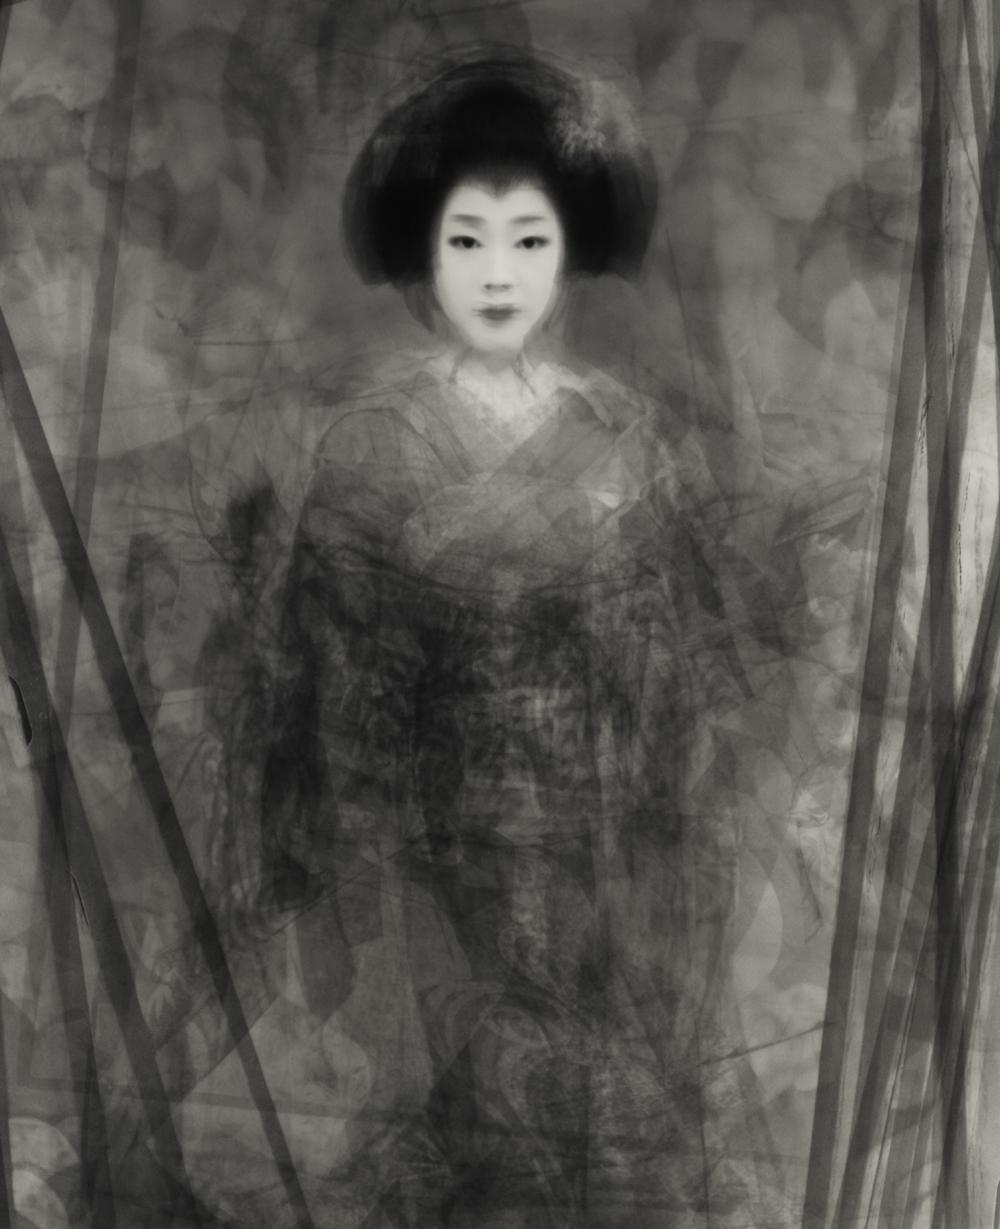 metaportrait ken kitano 02 Les metaportraits de Ken Kitano